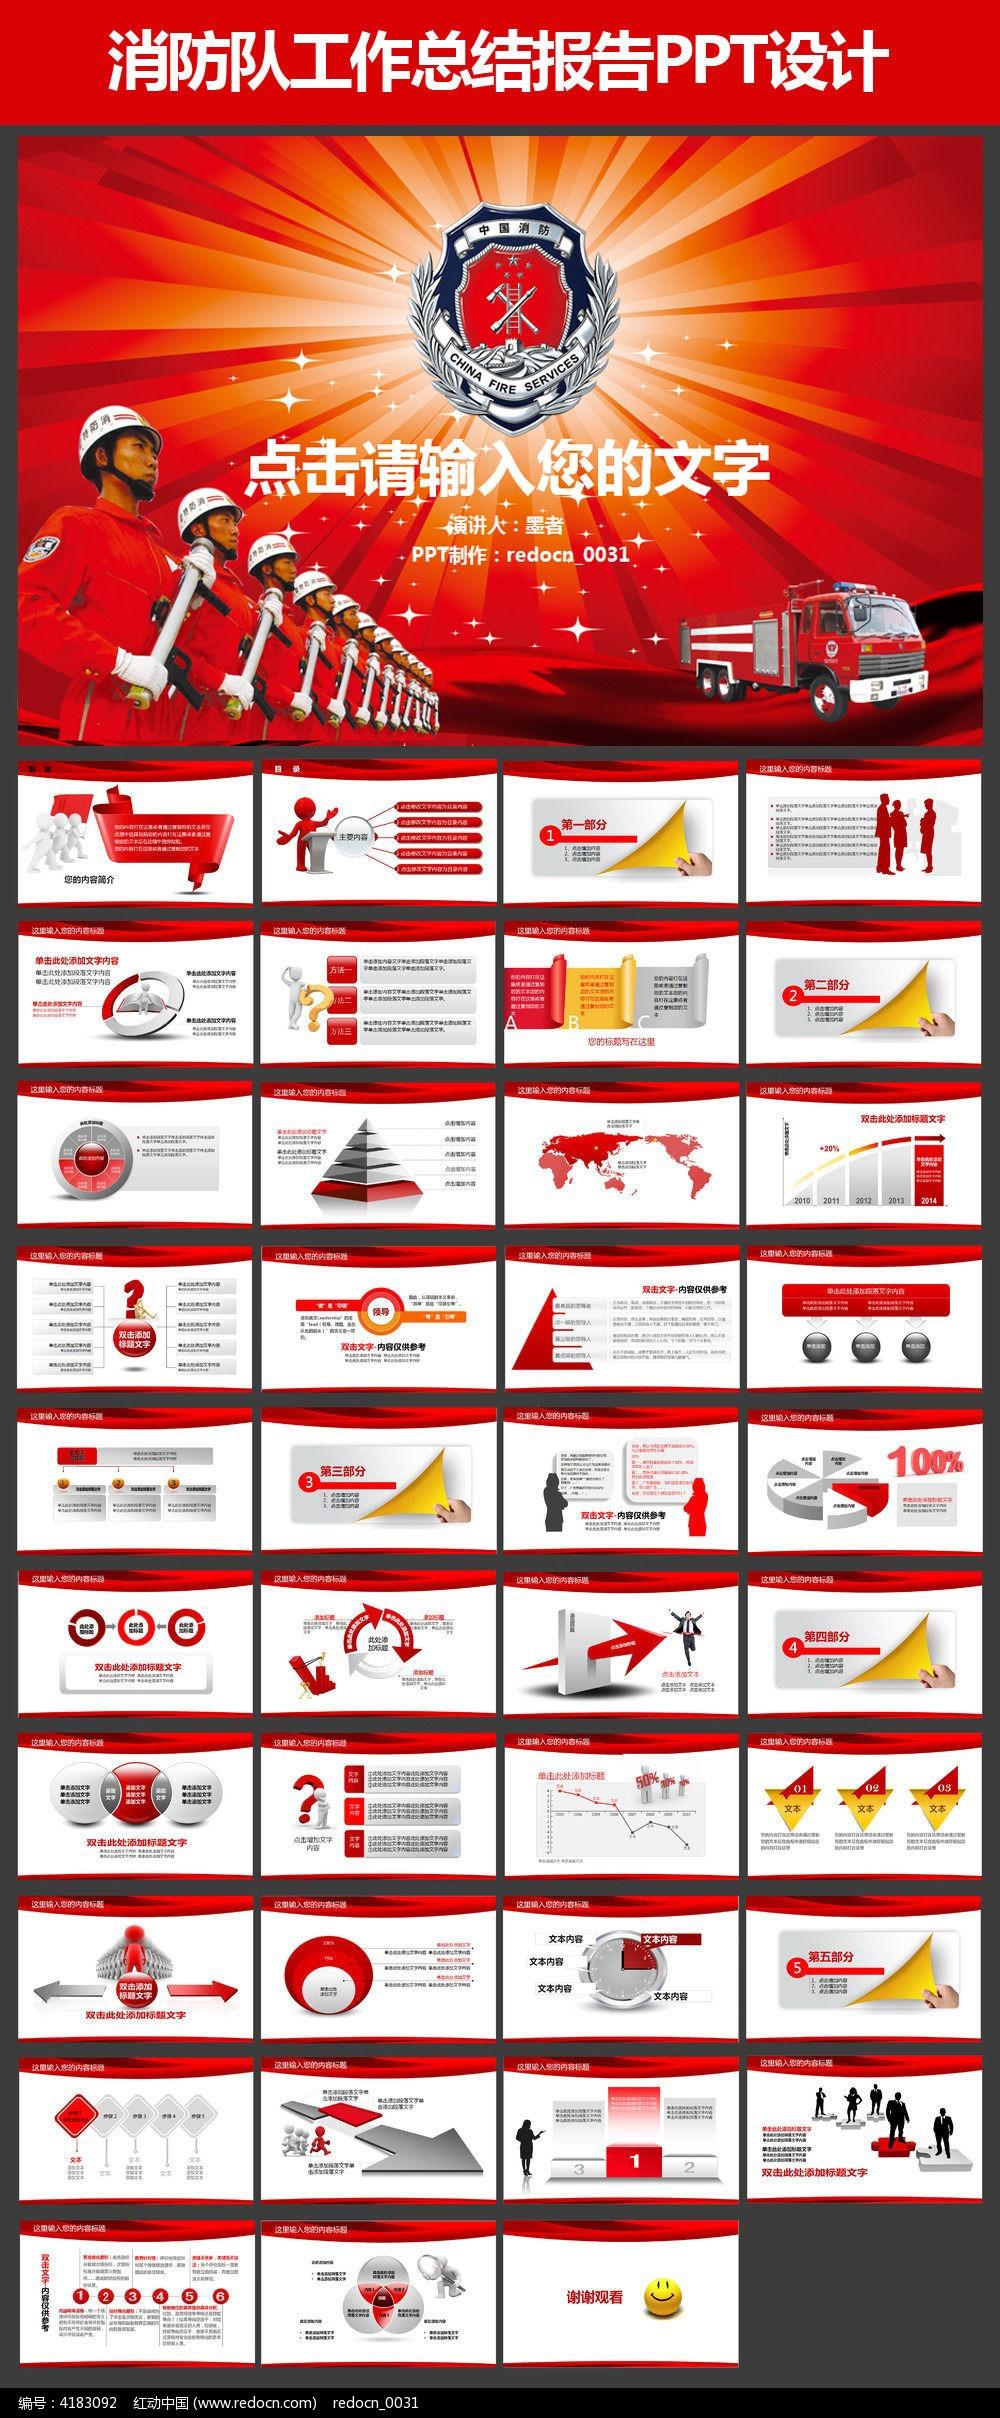 红色大气公安消防ppt设计